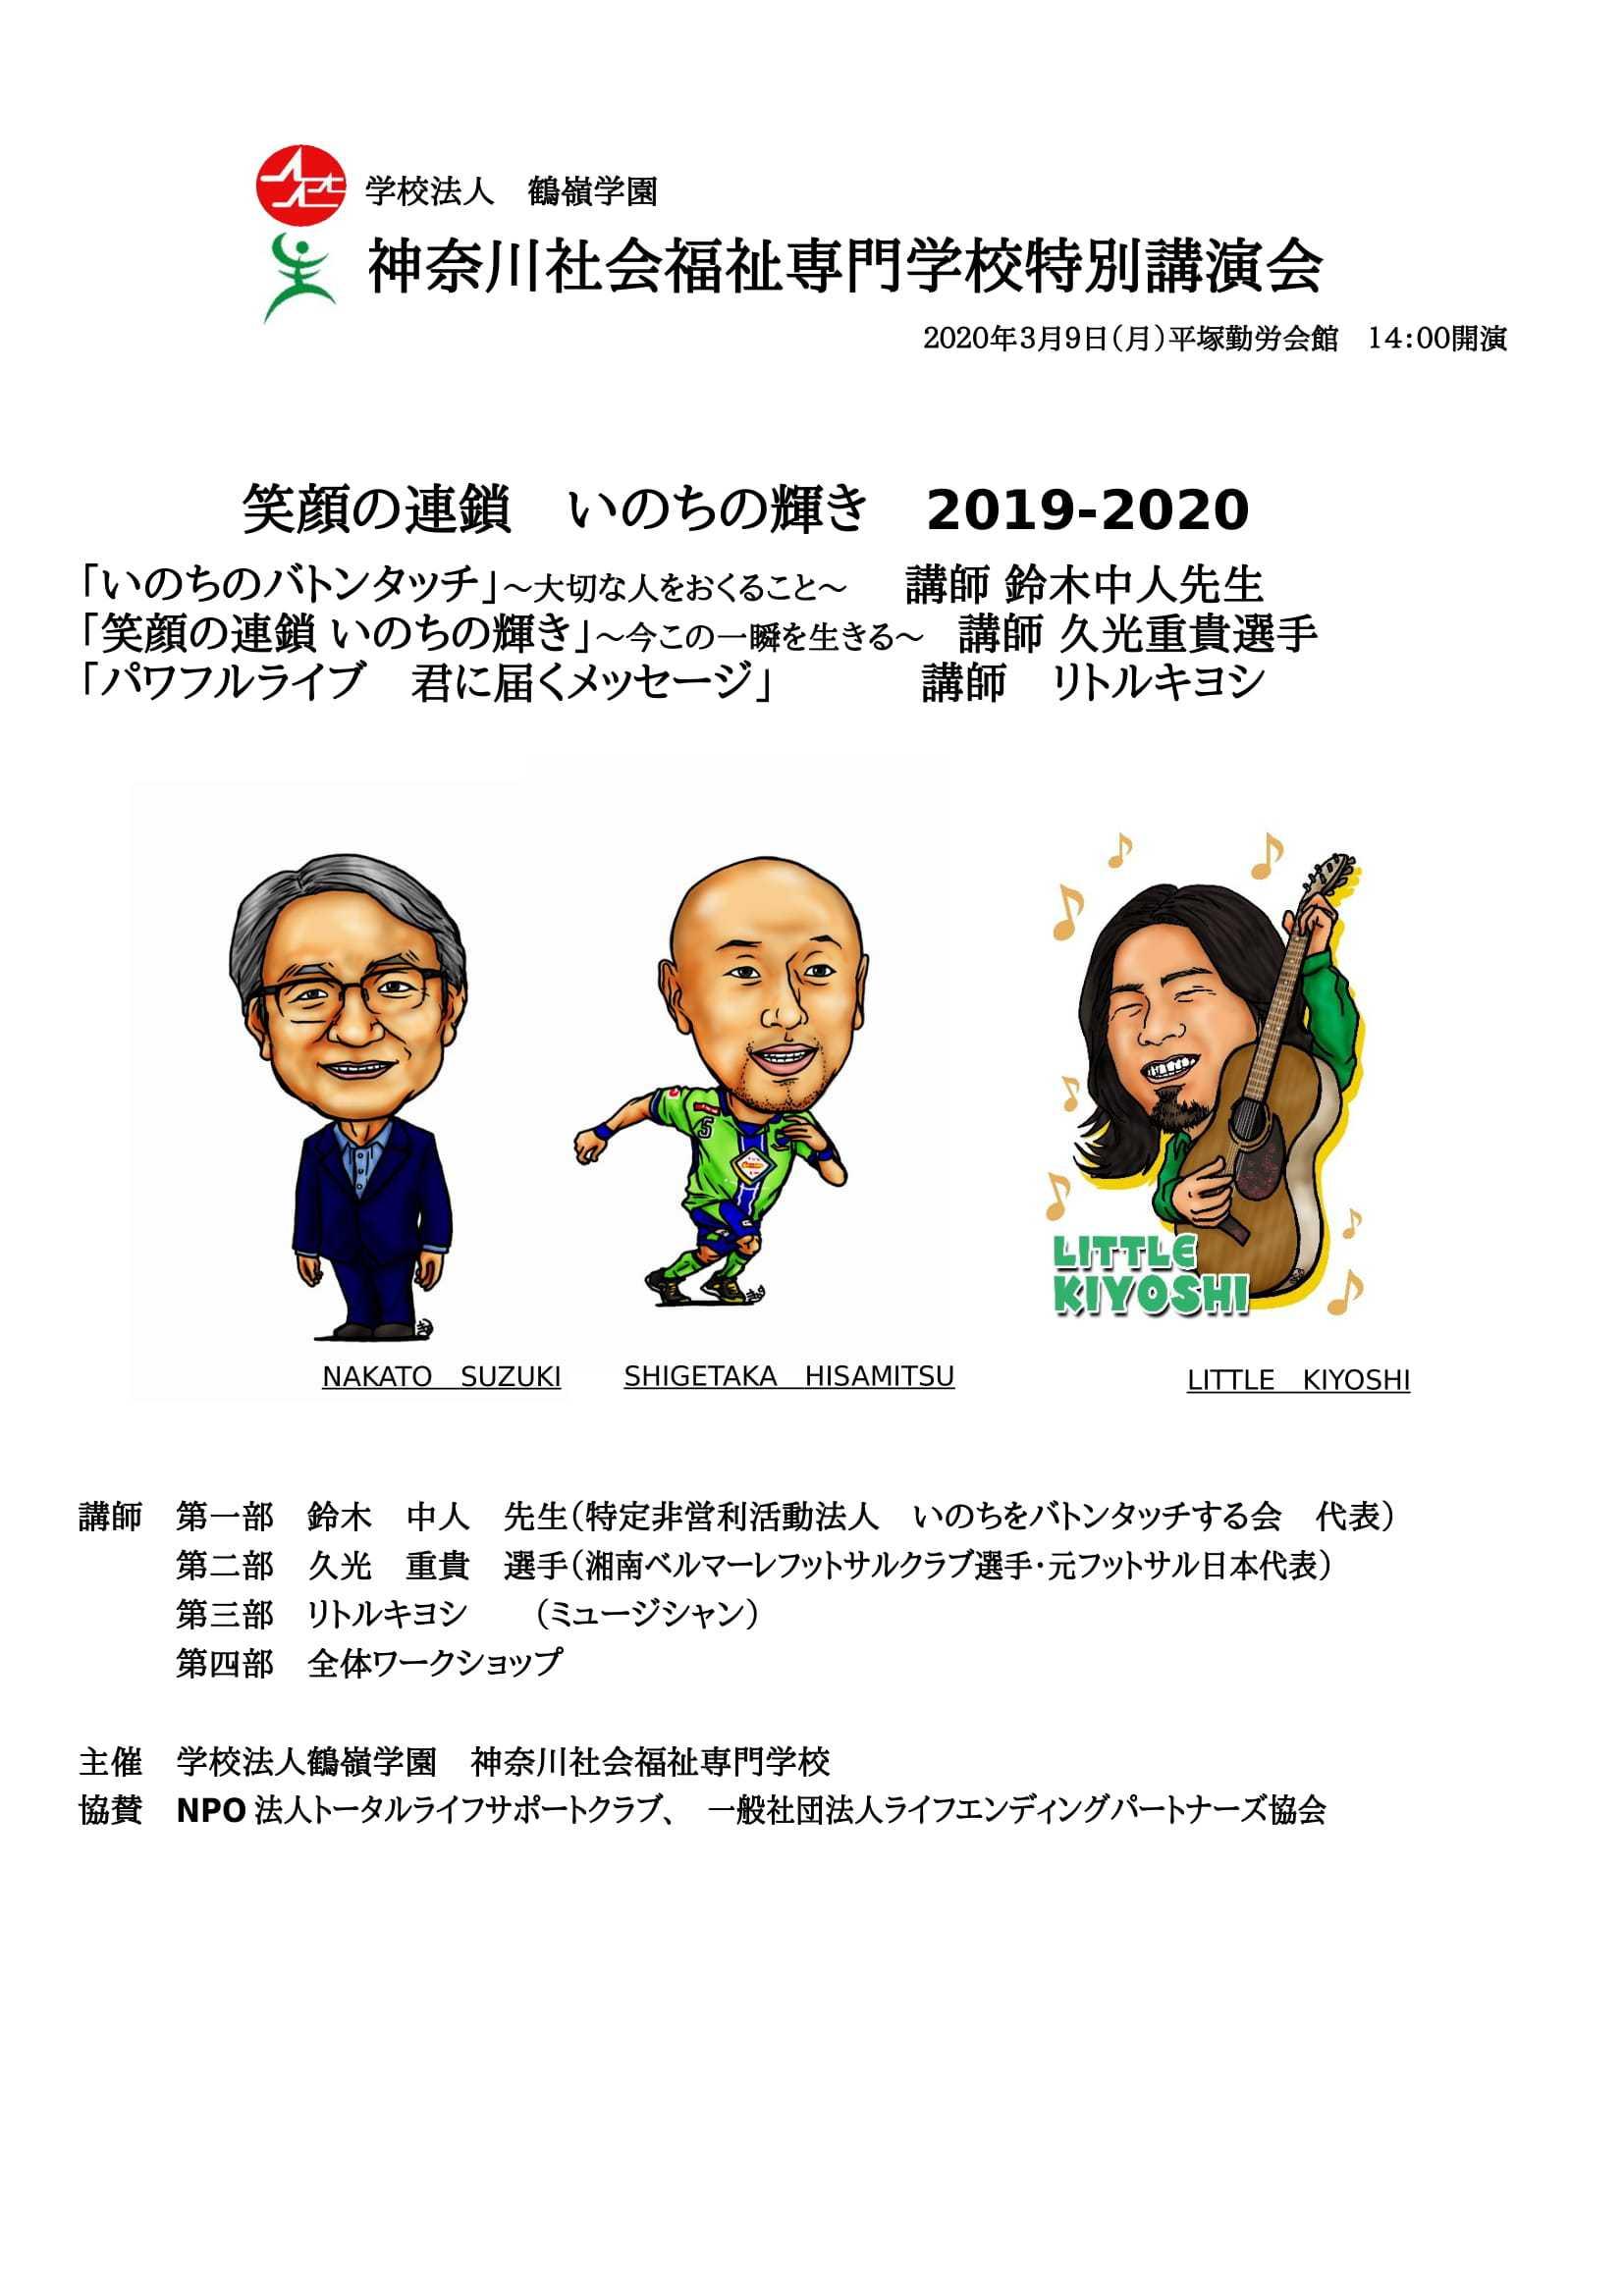 神奈川社会福祉専門学校特別講演会開催のお知らせ